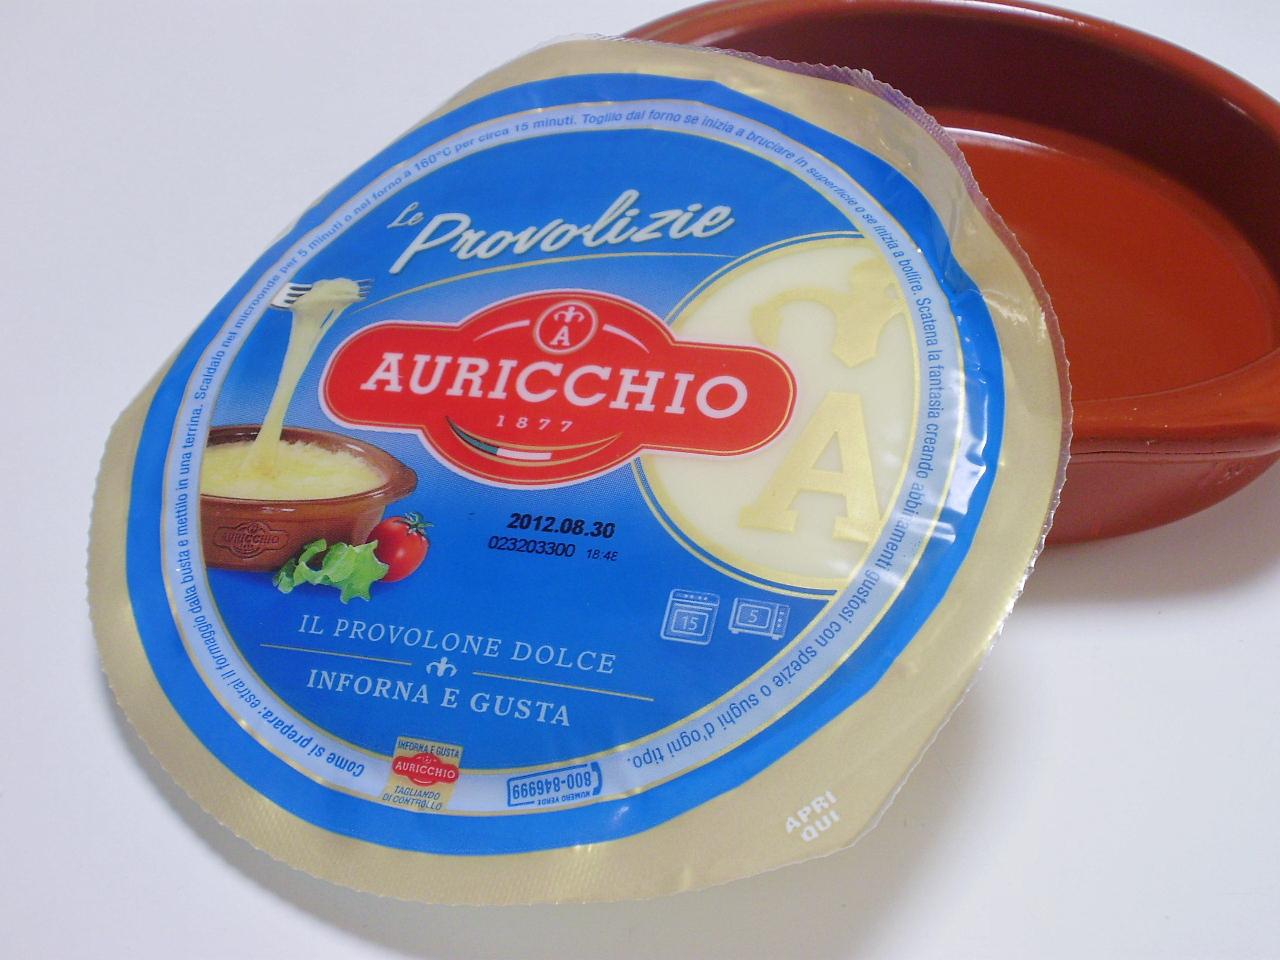 レンジでチンするだけ チーズフォンデュが気軽に楽しめます お買い得 プロヴォローネドルチェ チーズフォンデュ 35%OFF Auricchio 替え玉